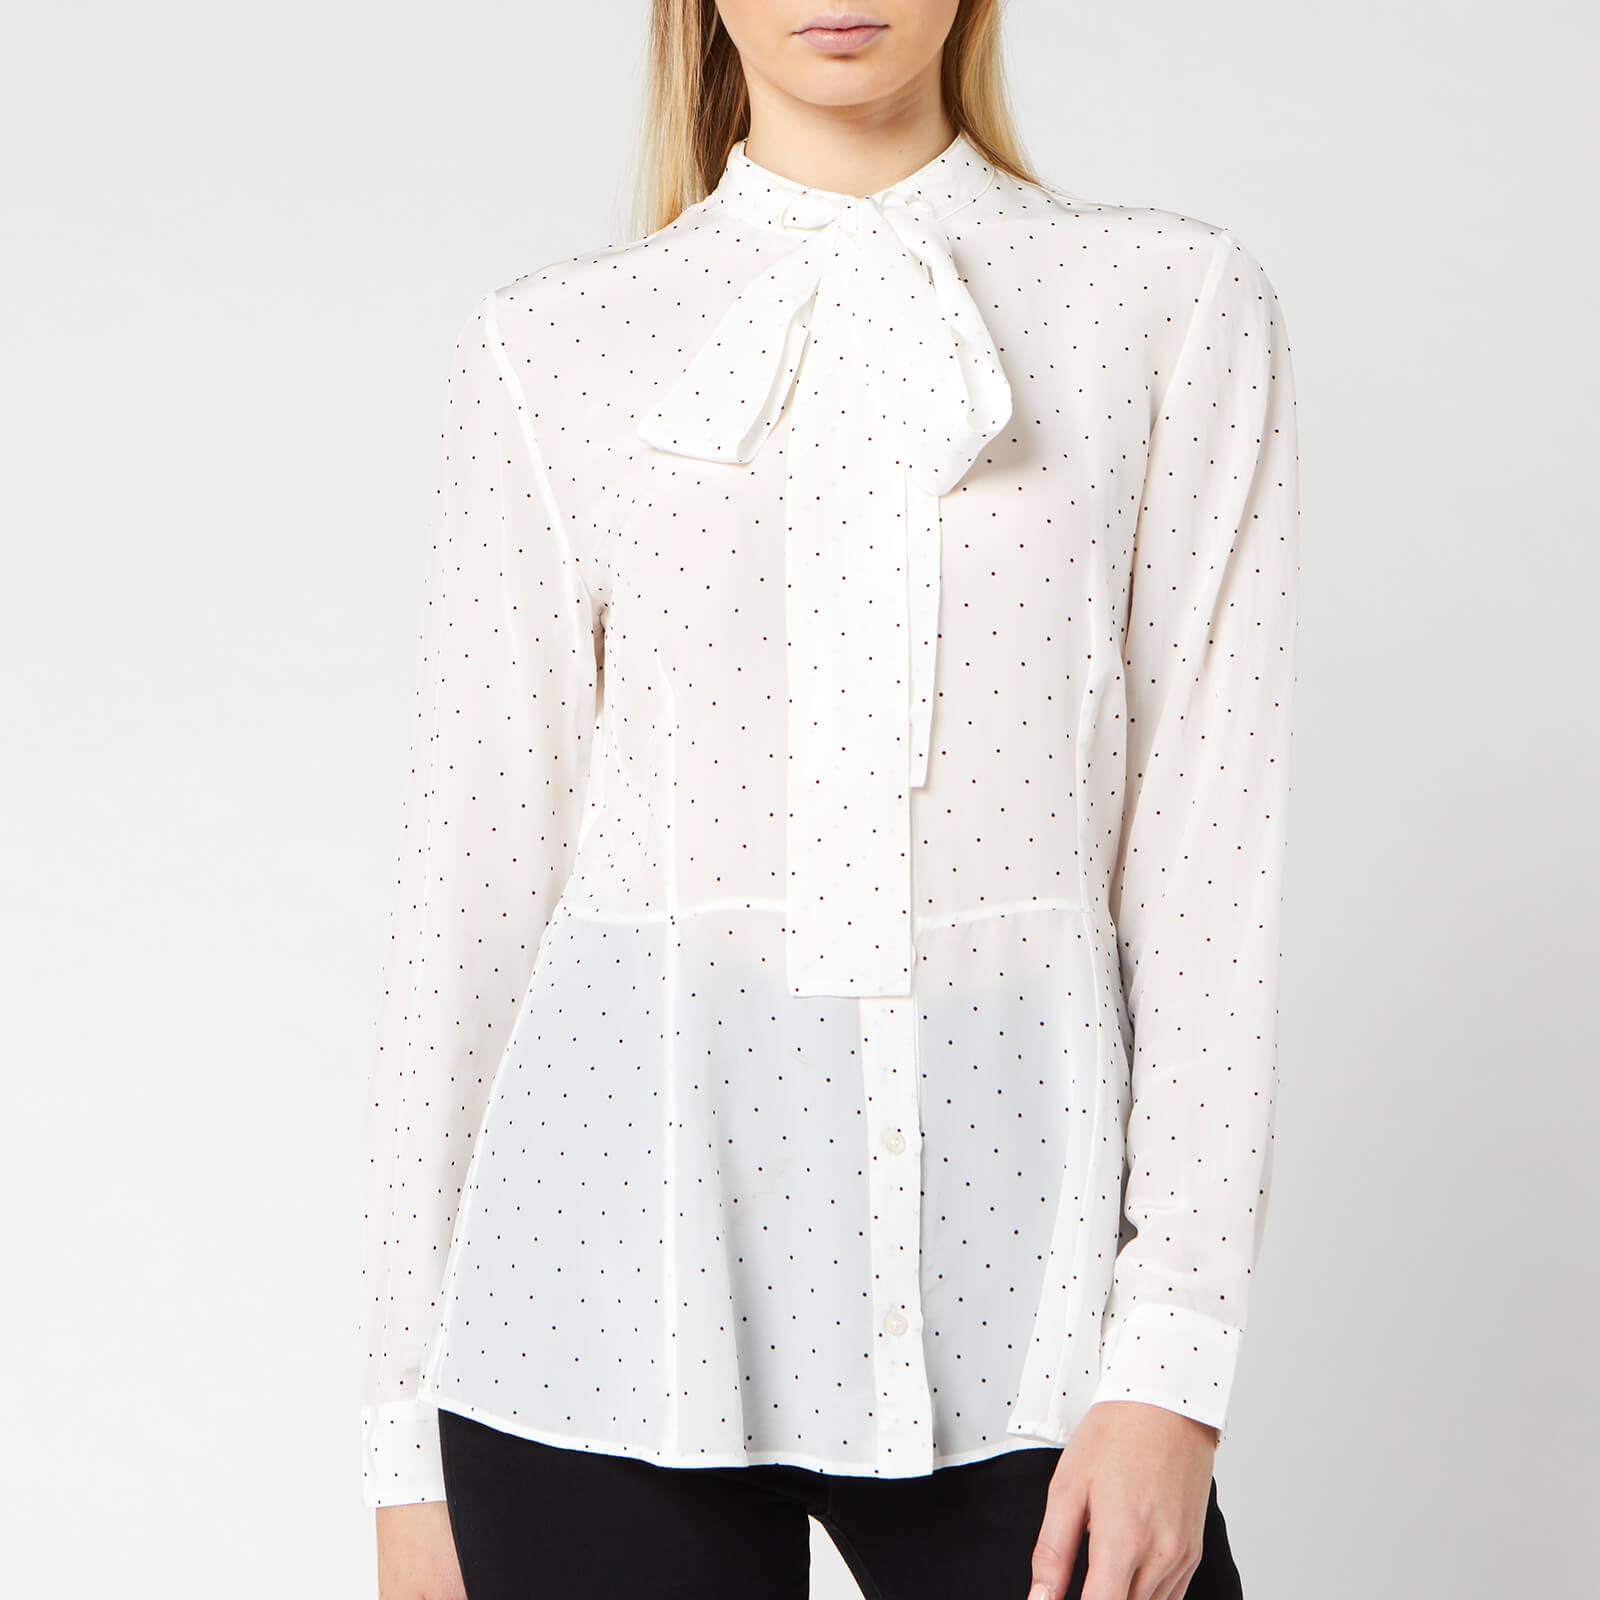 Boss Women's Elkasia Blouse - White Polka Dot - UK 8